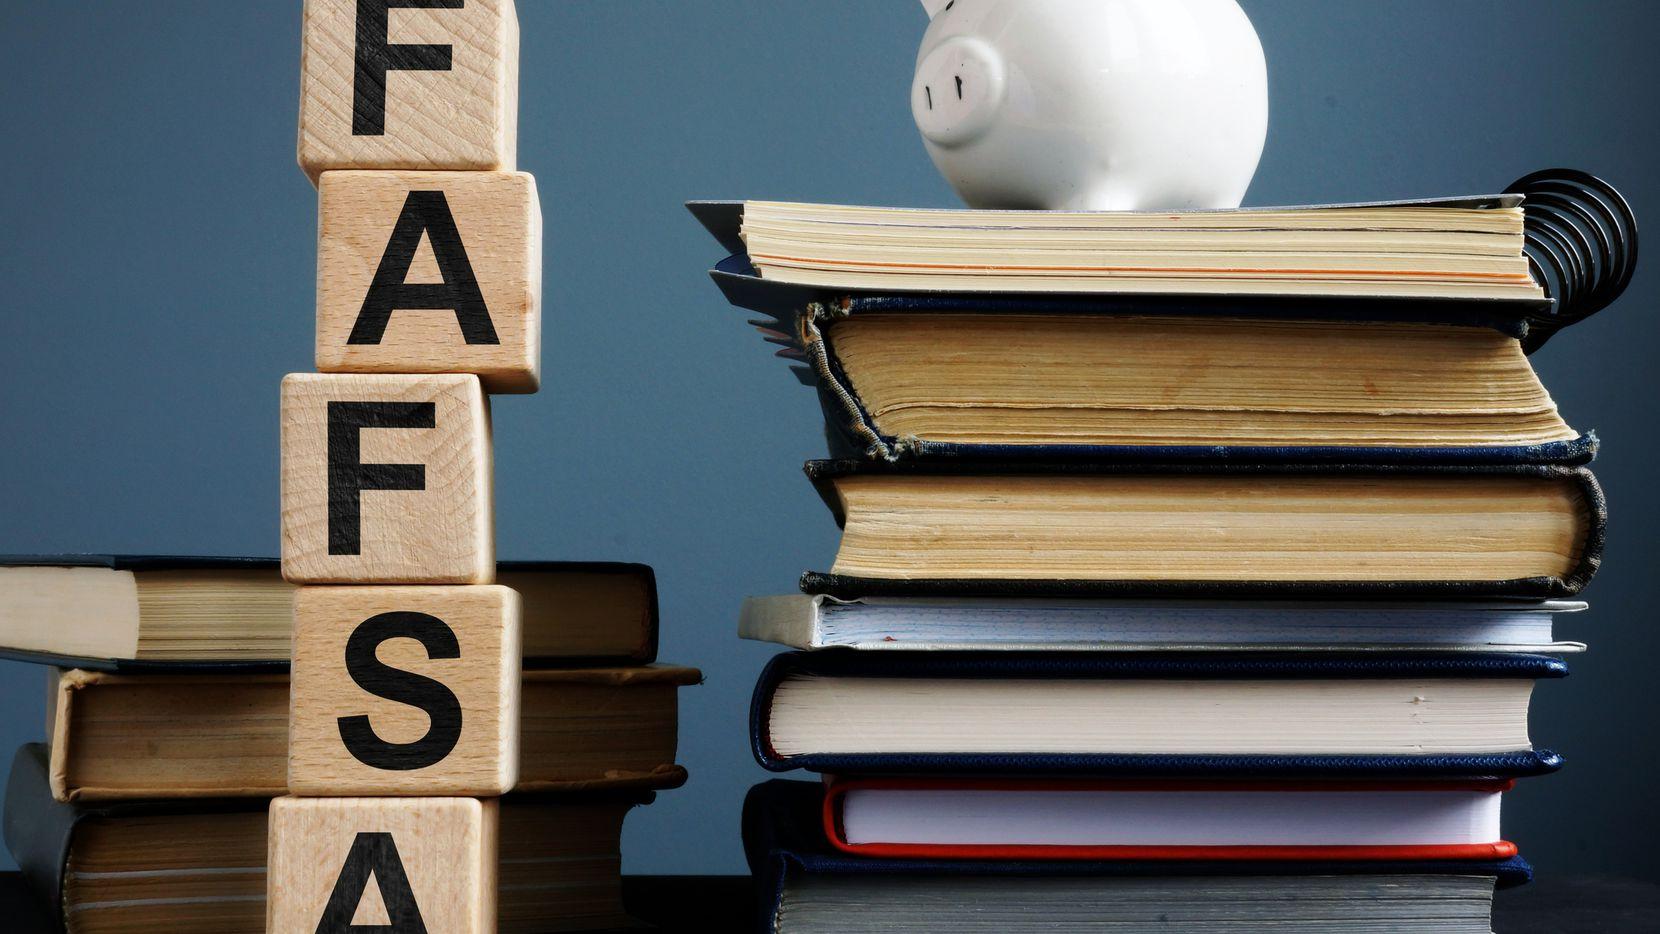 Es tiempo de solicitar fondos a través de la solicitud de ayuda financiera FAFSA.